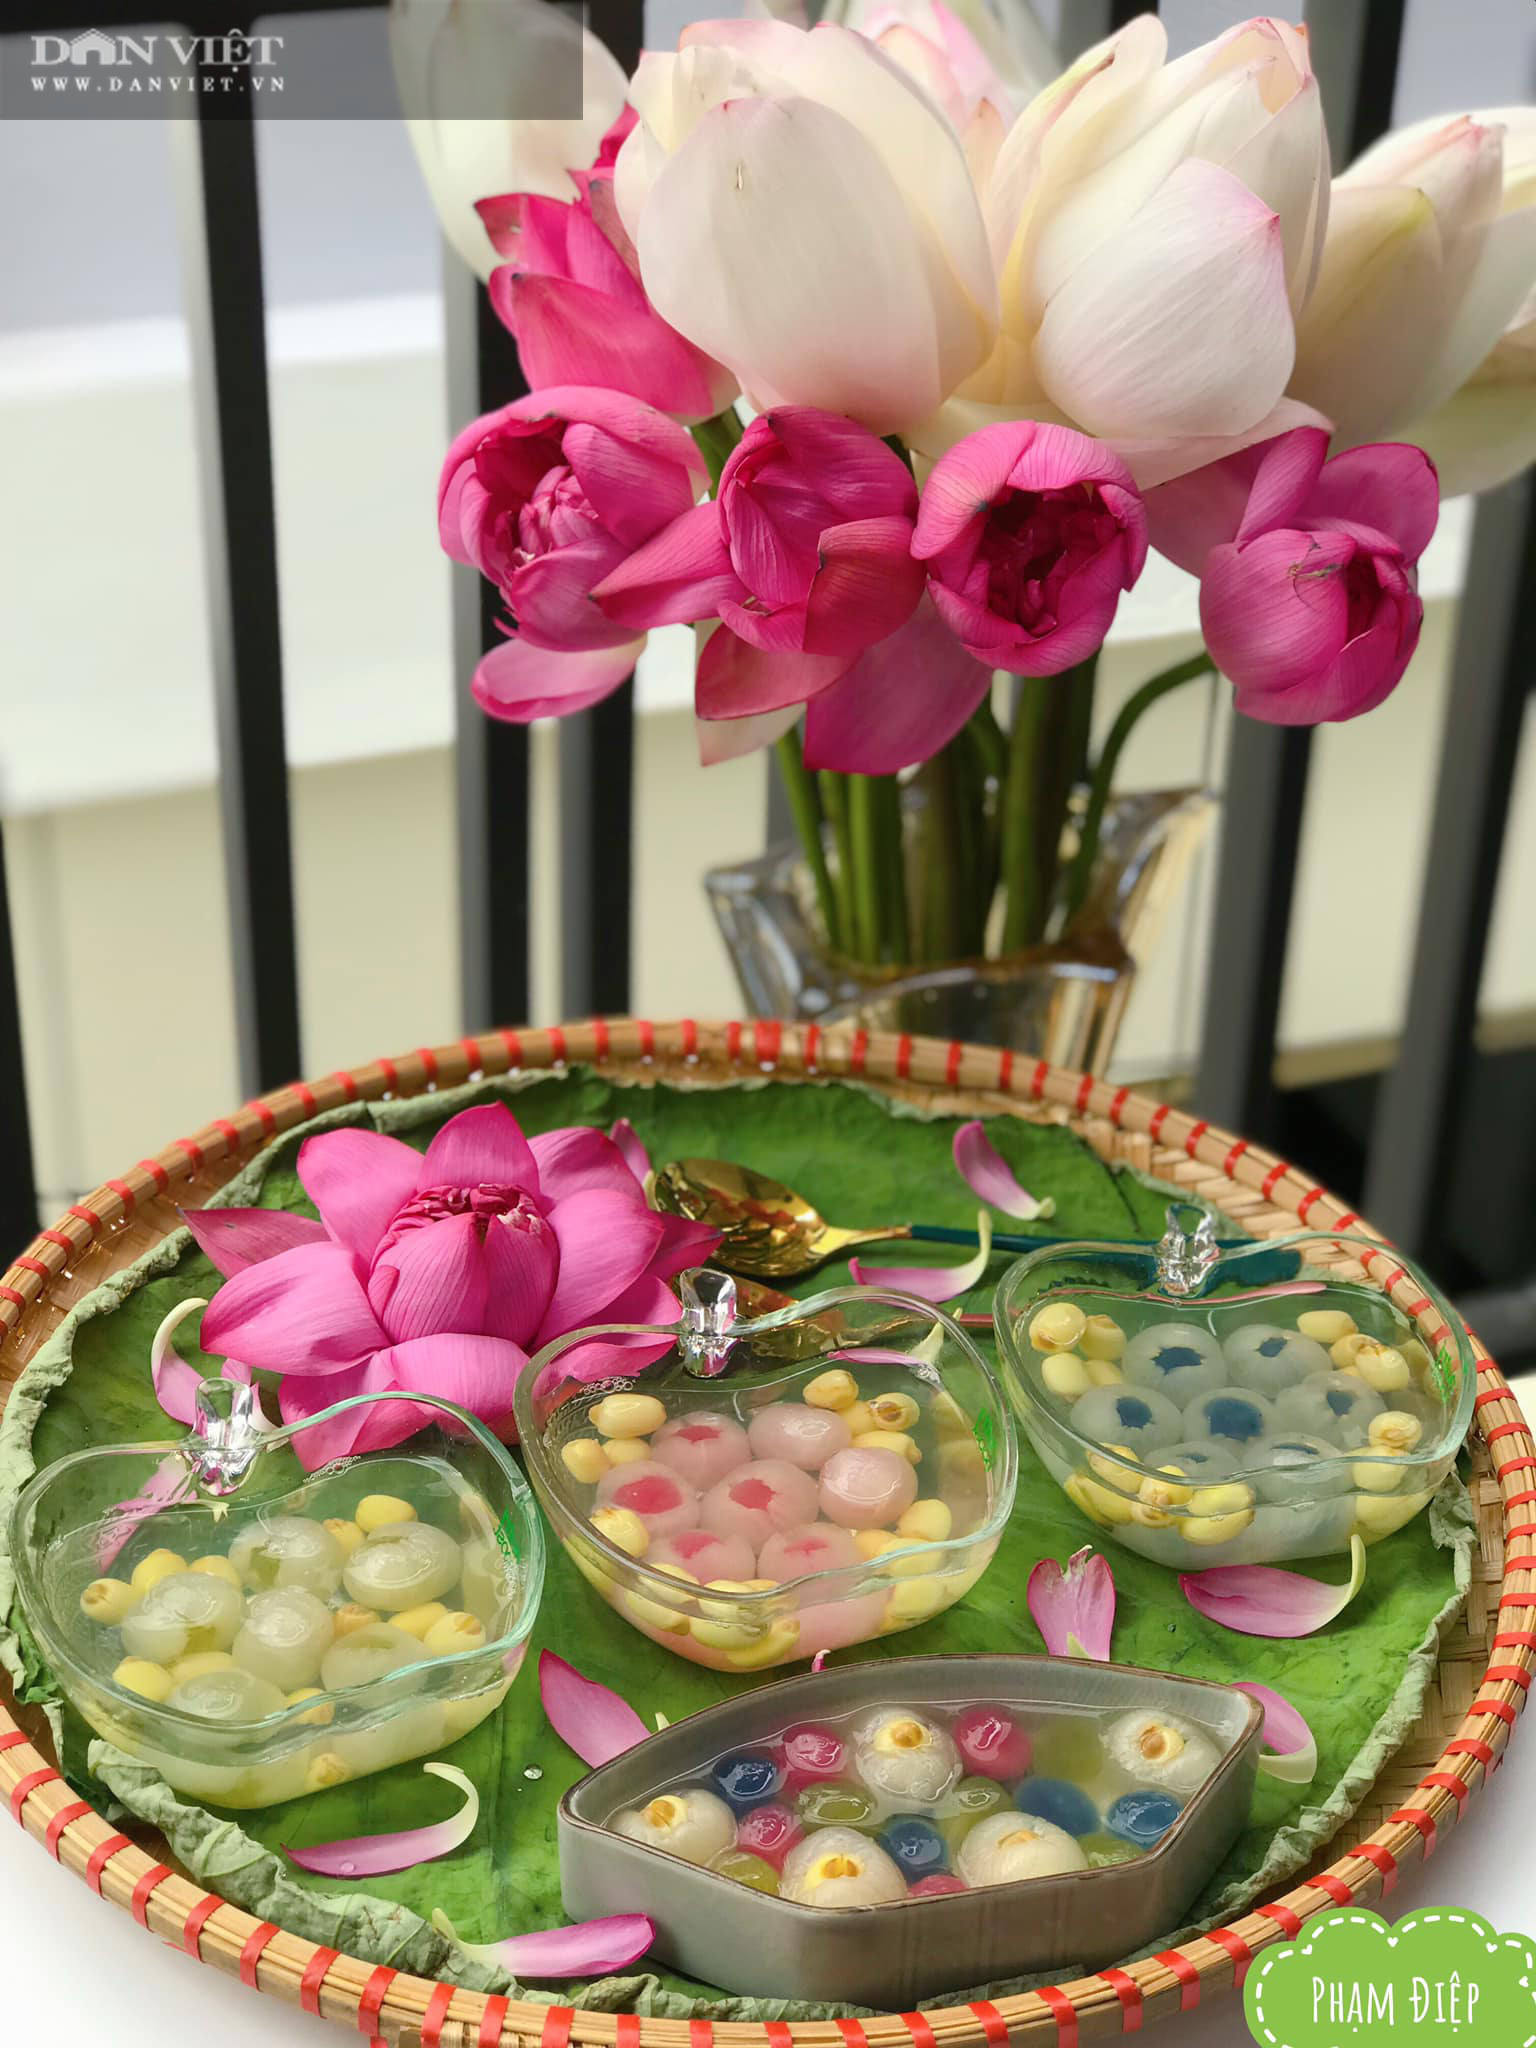 Bí quyết để nấu chè hạt sen long nhãn trân châu đẹp lung linh, ngon như ý - Ảnh 4.